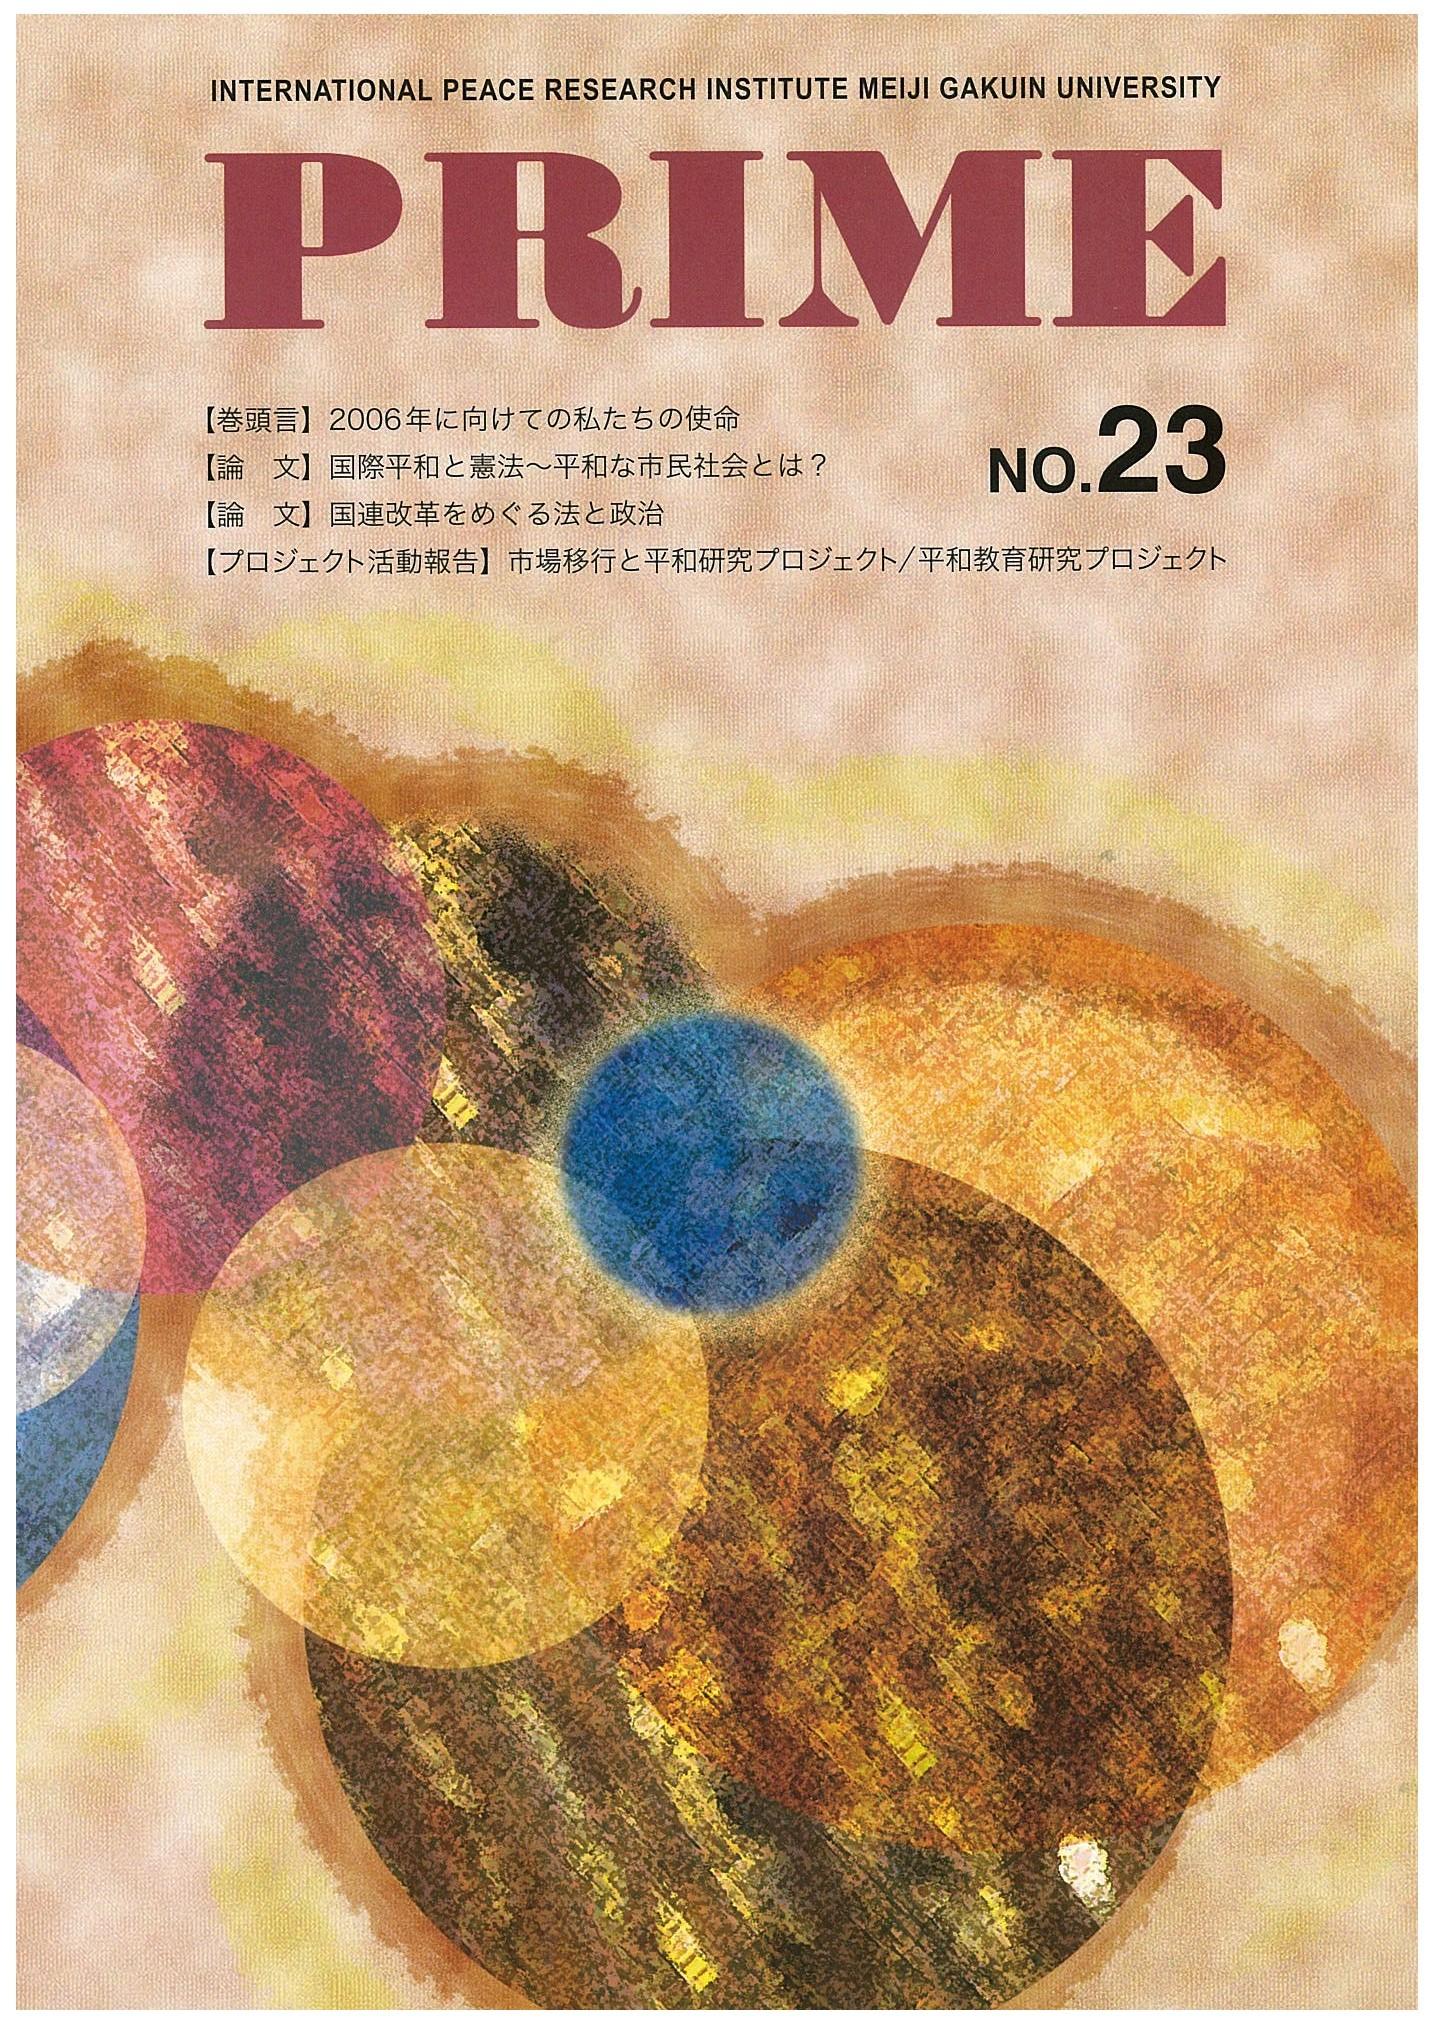 prime23cover